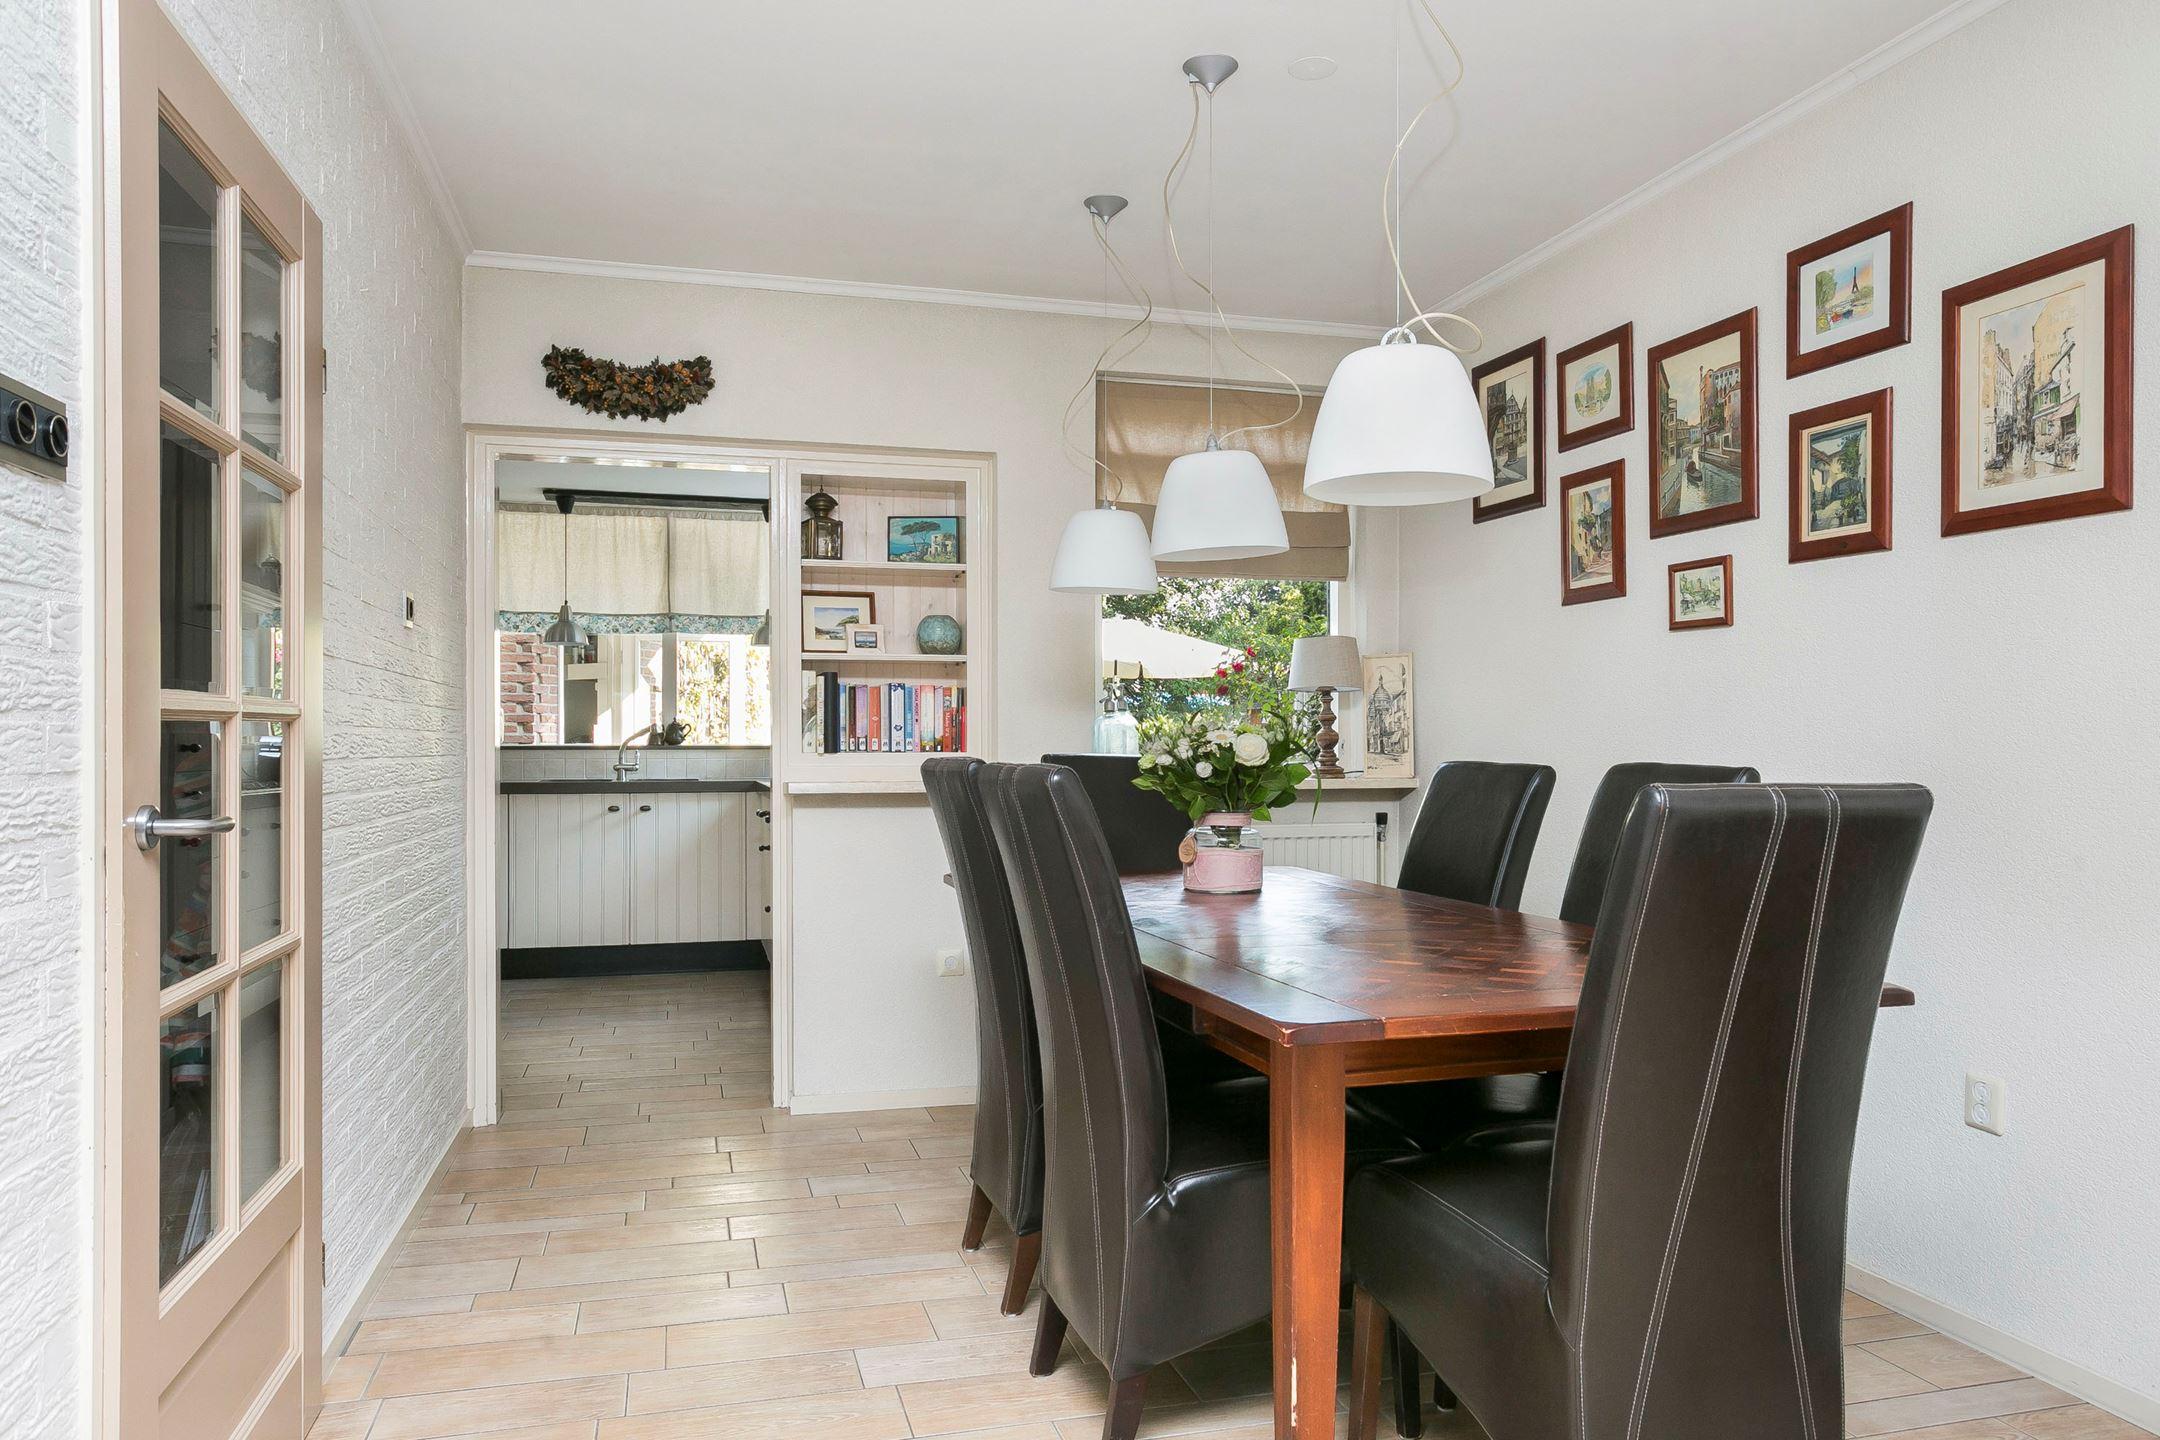 Huis te koop: holleweg 6 3905 lg veenendaal [funda]